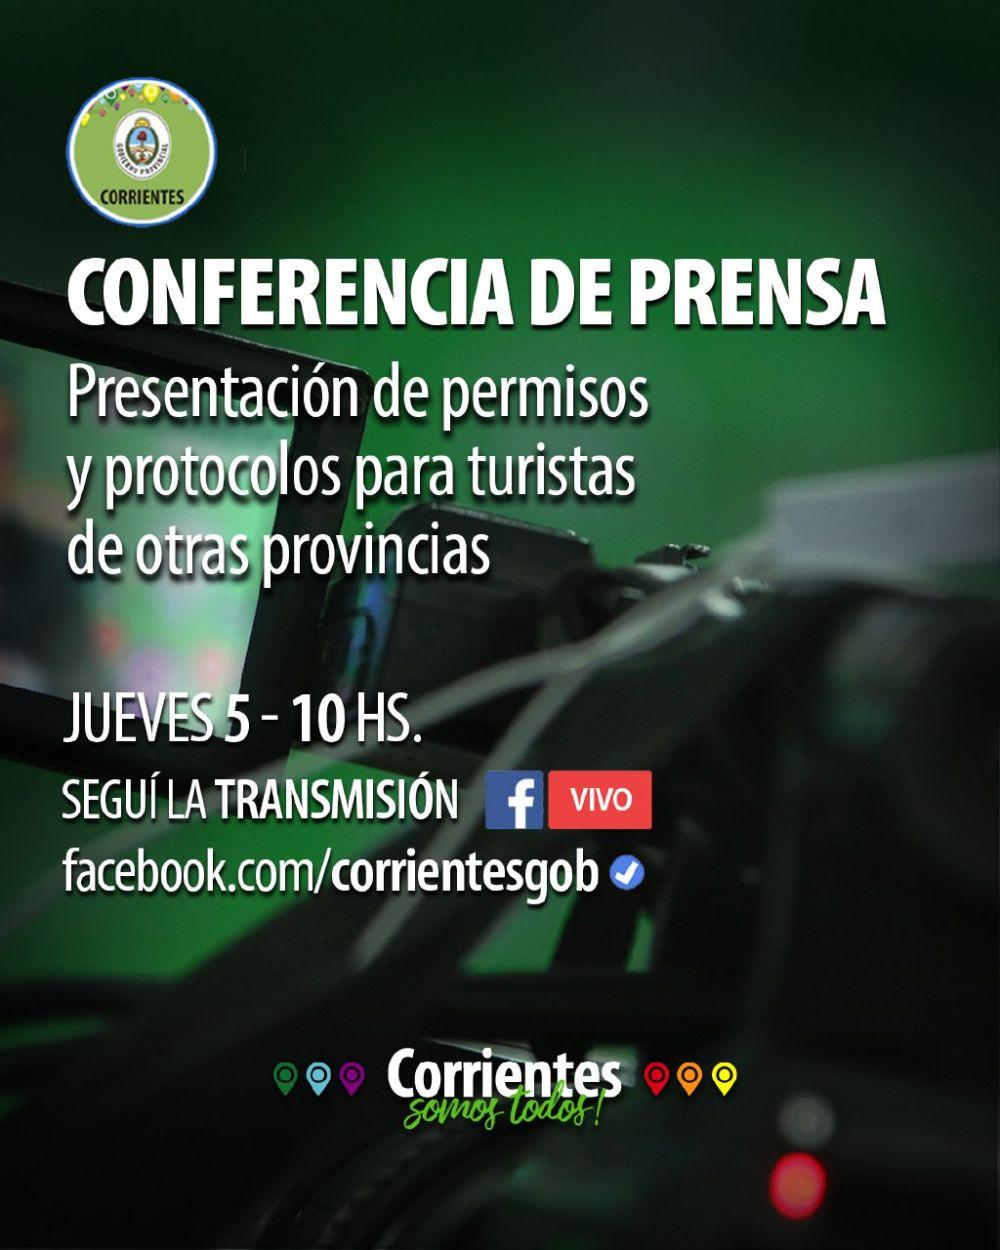 Apertura del turismo: Este jueves habrá conferencia de prensa